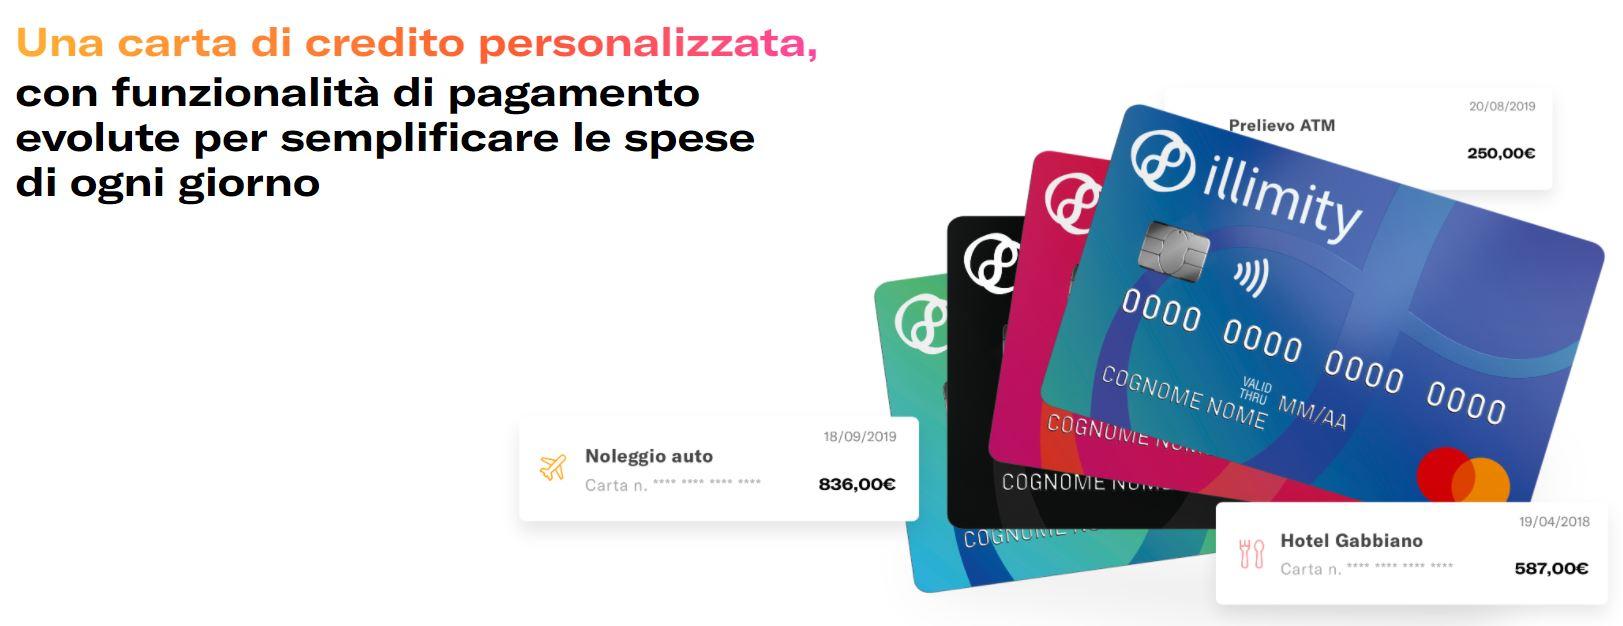 richiesta carta di credito illimity bank